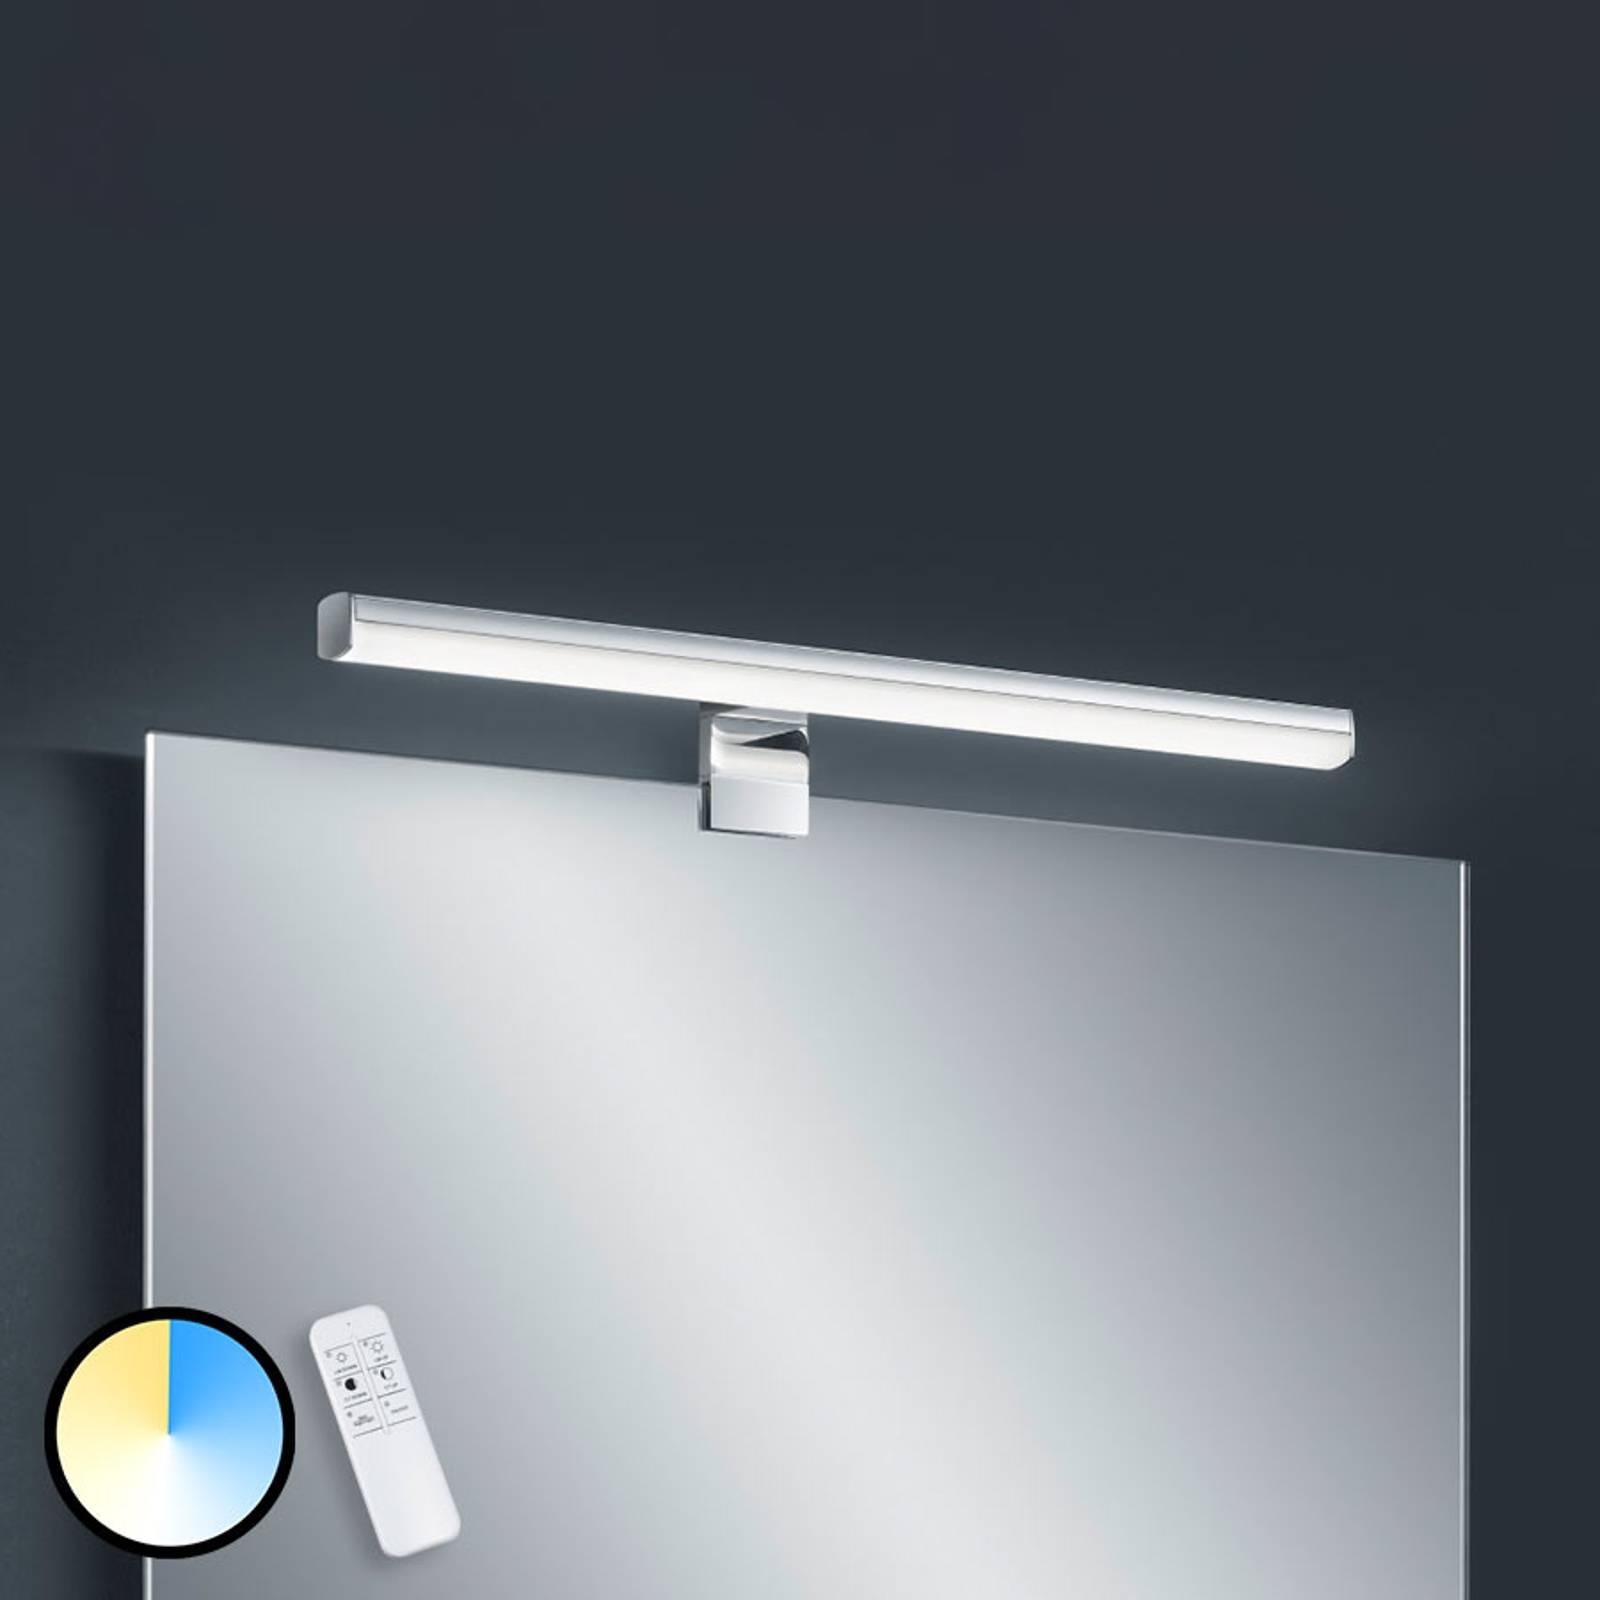 Helestra Gaia LED-peililamppu kaukosäädin 49 cm